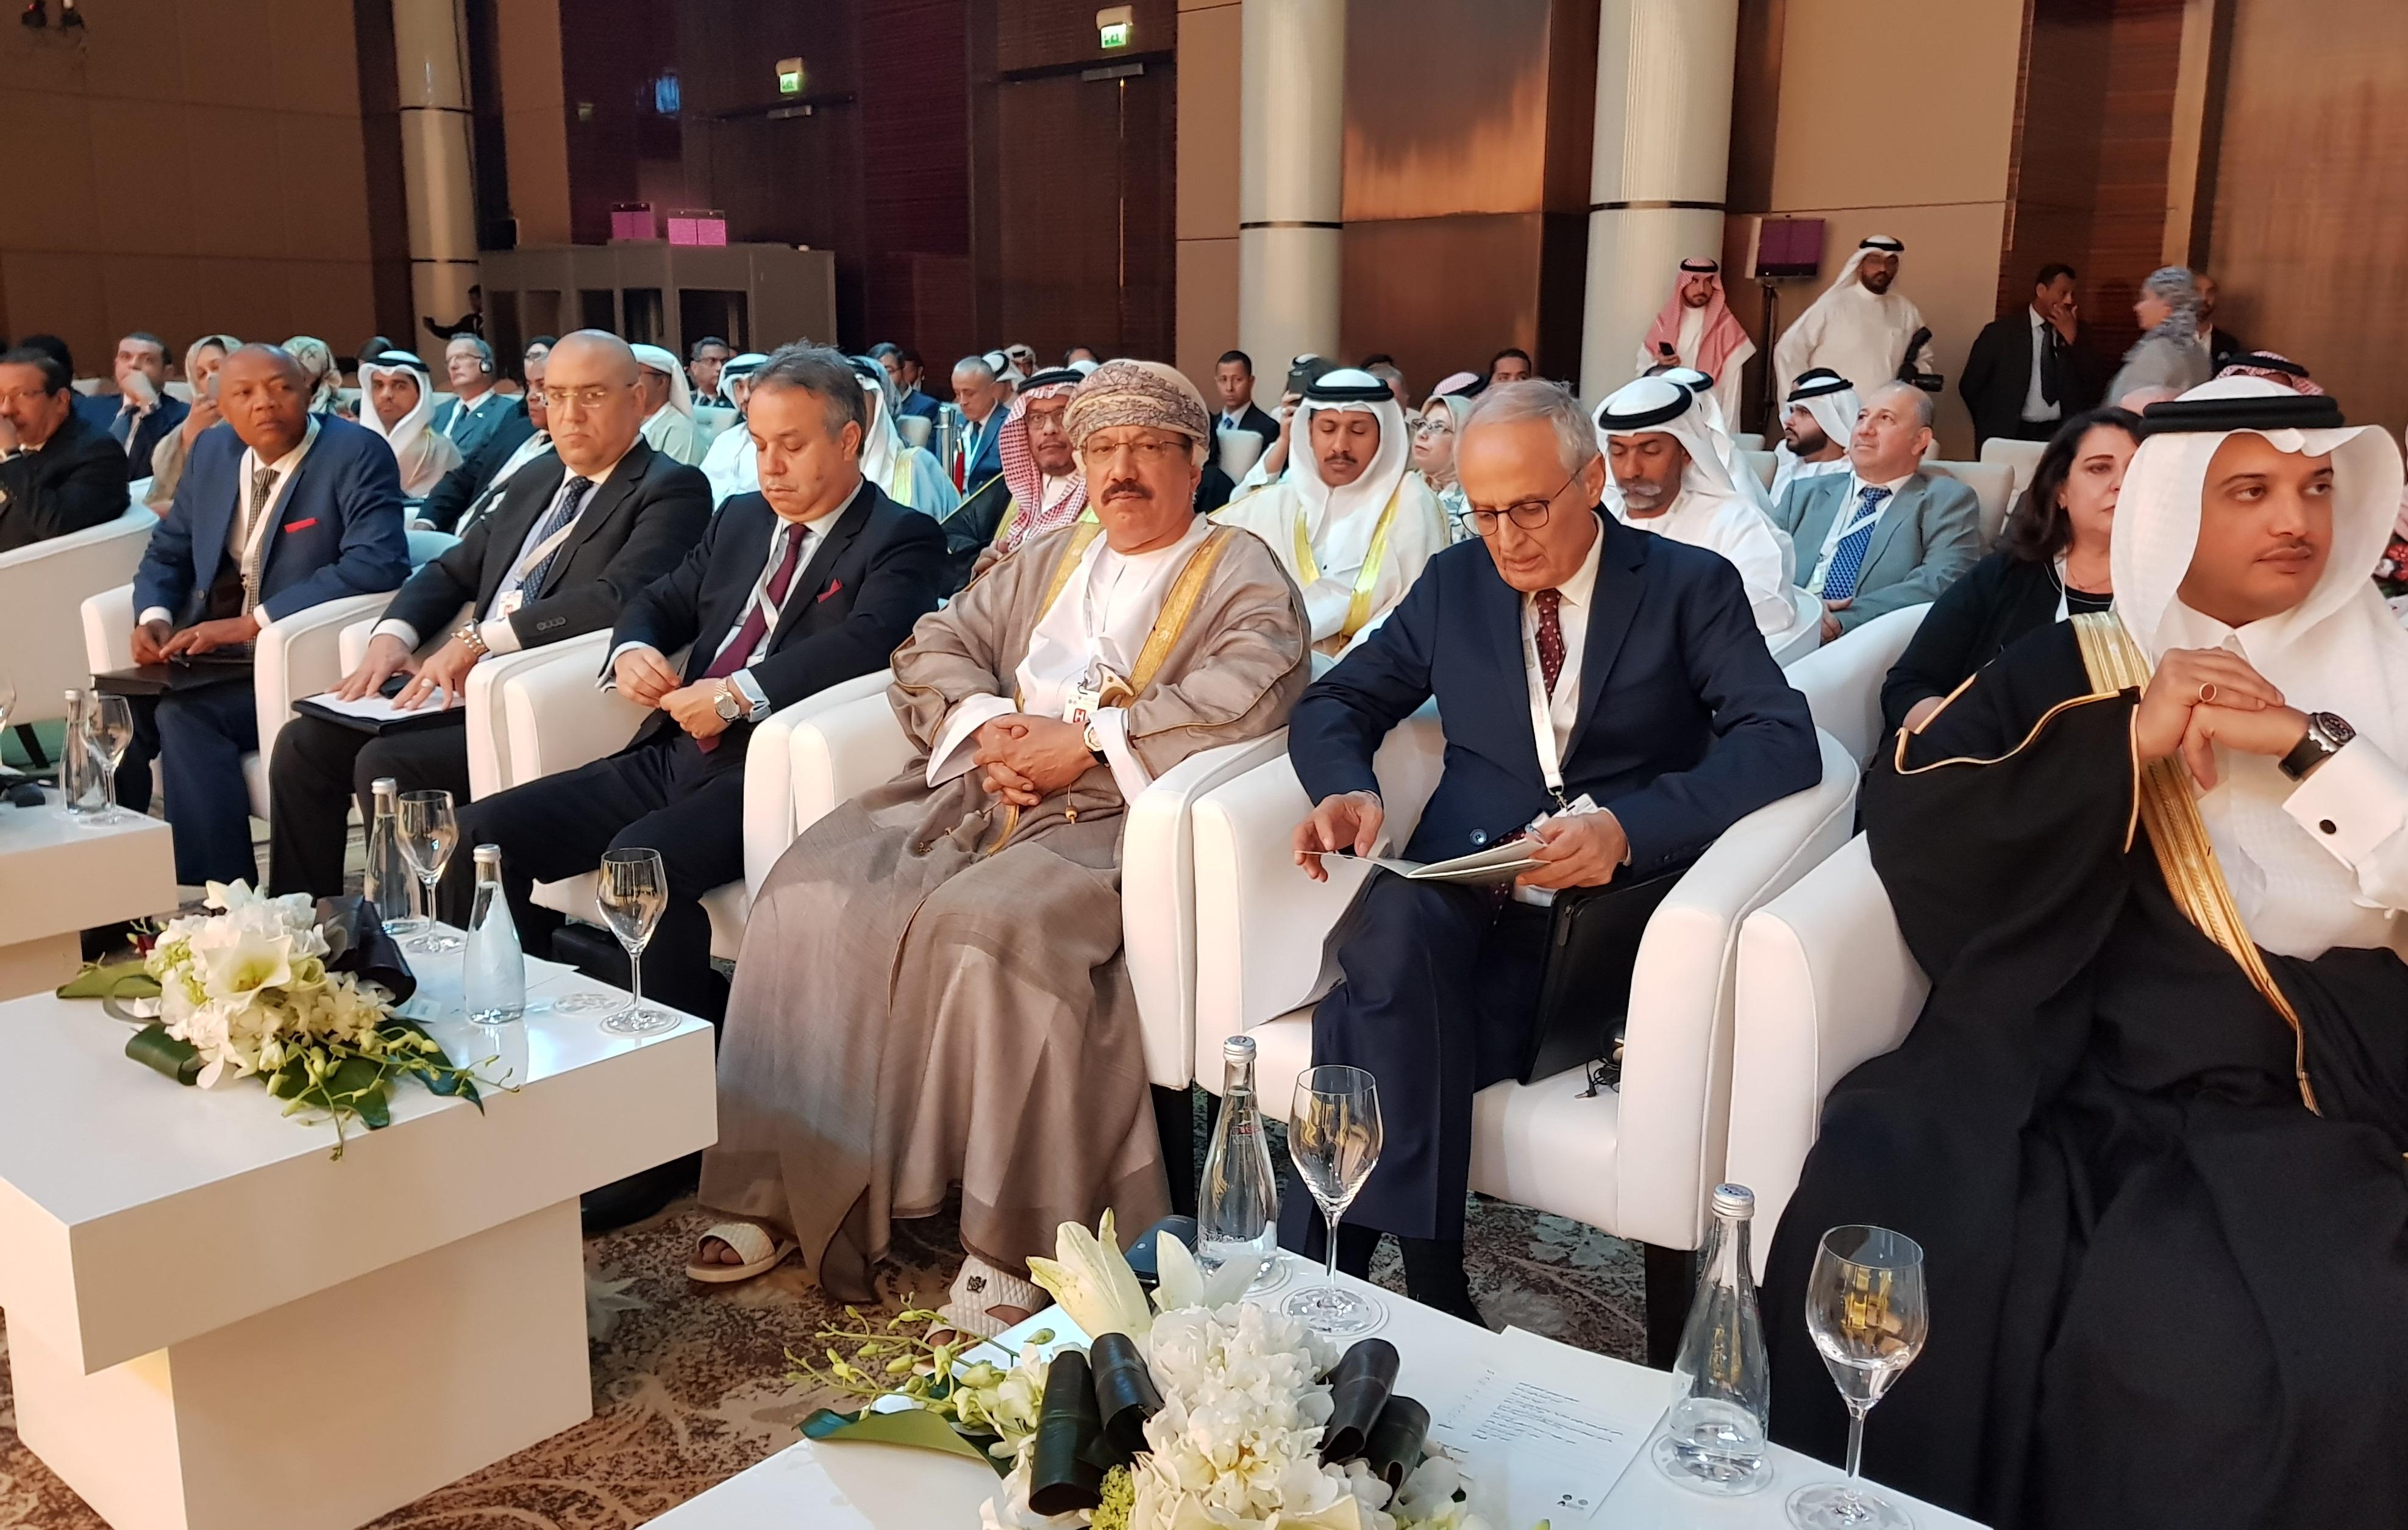 السلطنة تشارك في مؤتمر الإسكان العربي وإجتماع وزراء الإسكان والتعمير العرب بالمنامة